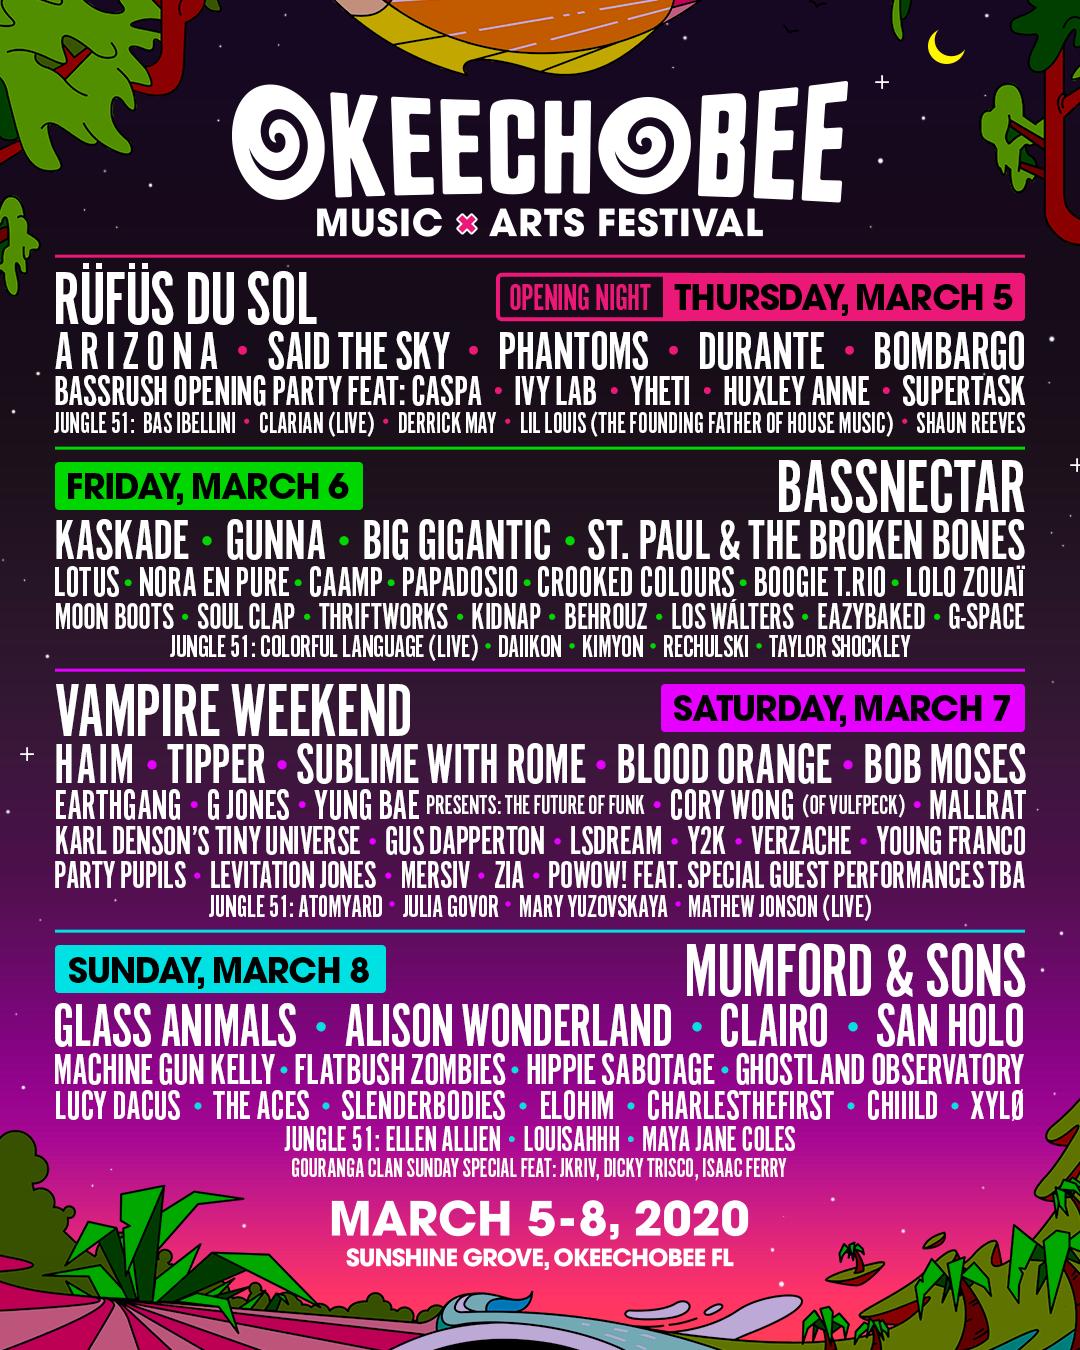 okeechobee lineup 2020